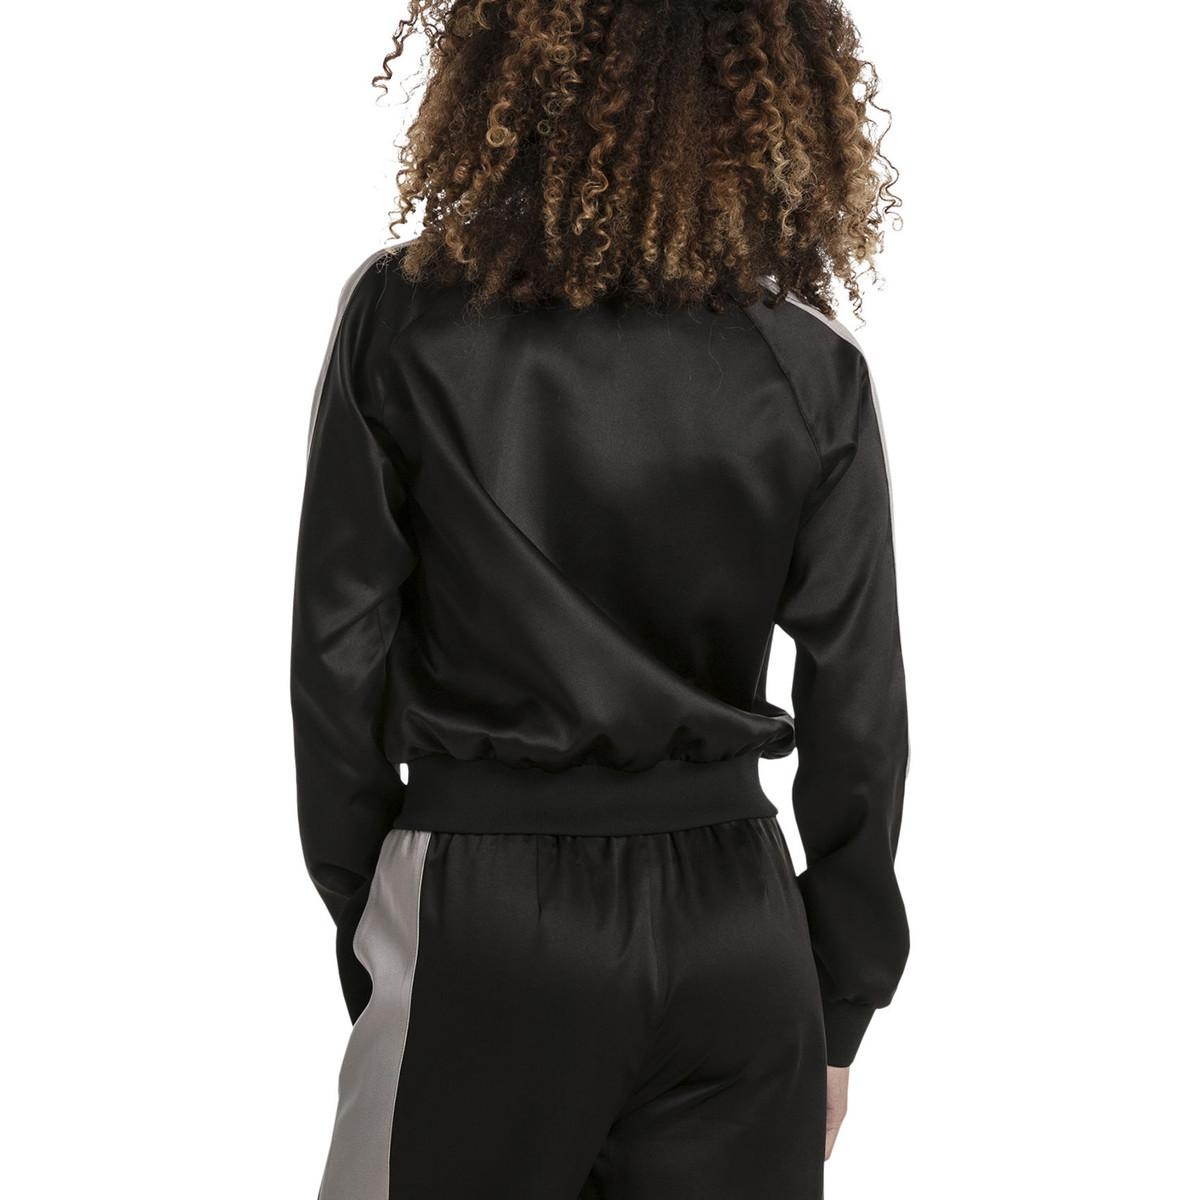 Puma Noir Lyst Veste Jacket femmes PT Noir coloris EN Satin en en wC6w8Tq